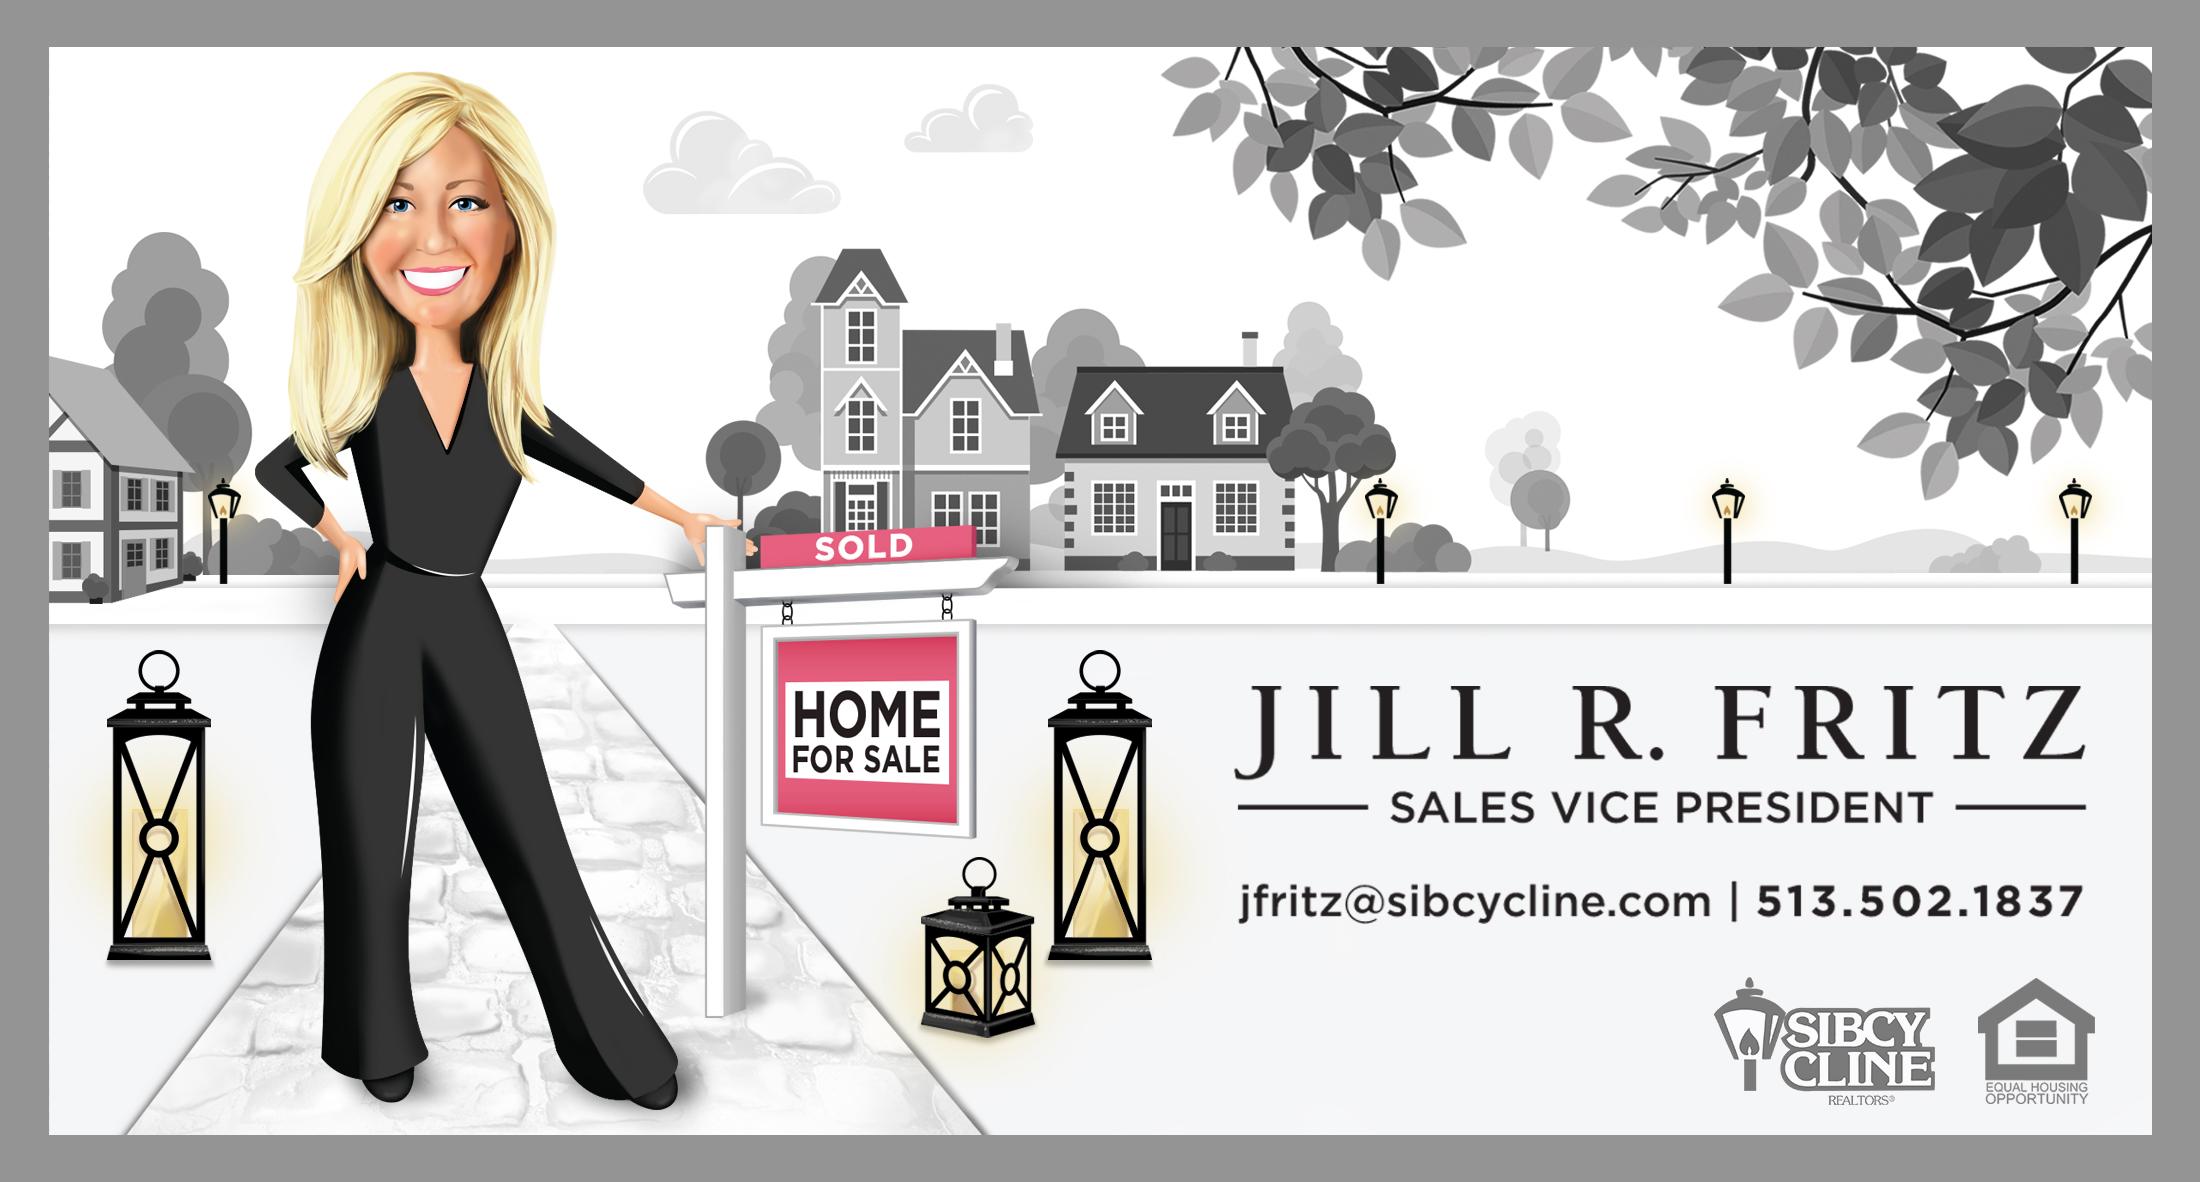 Jill R. Fritz Illustration w_lanterns_Website